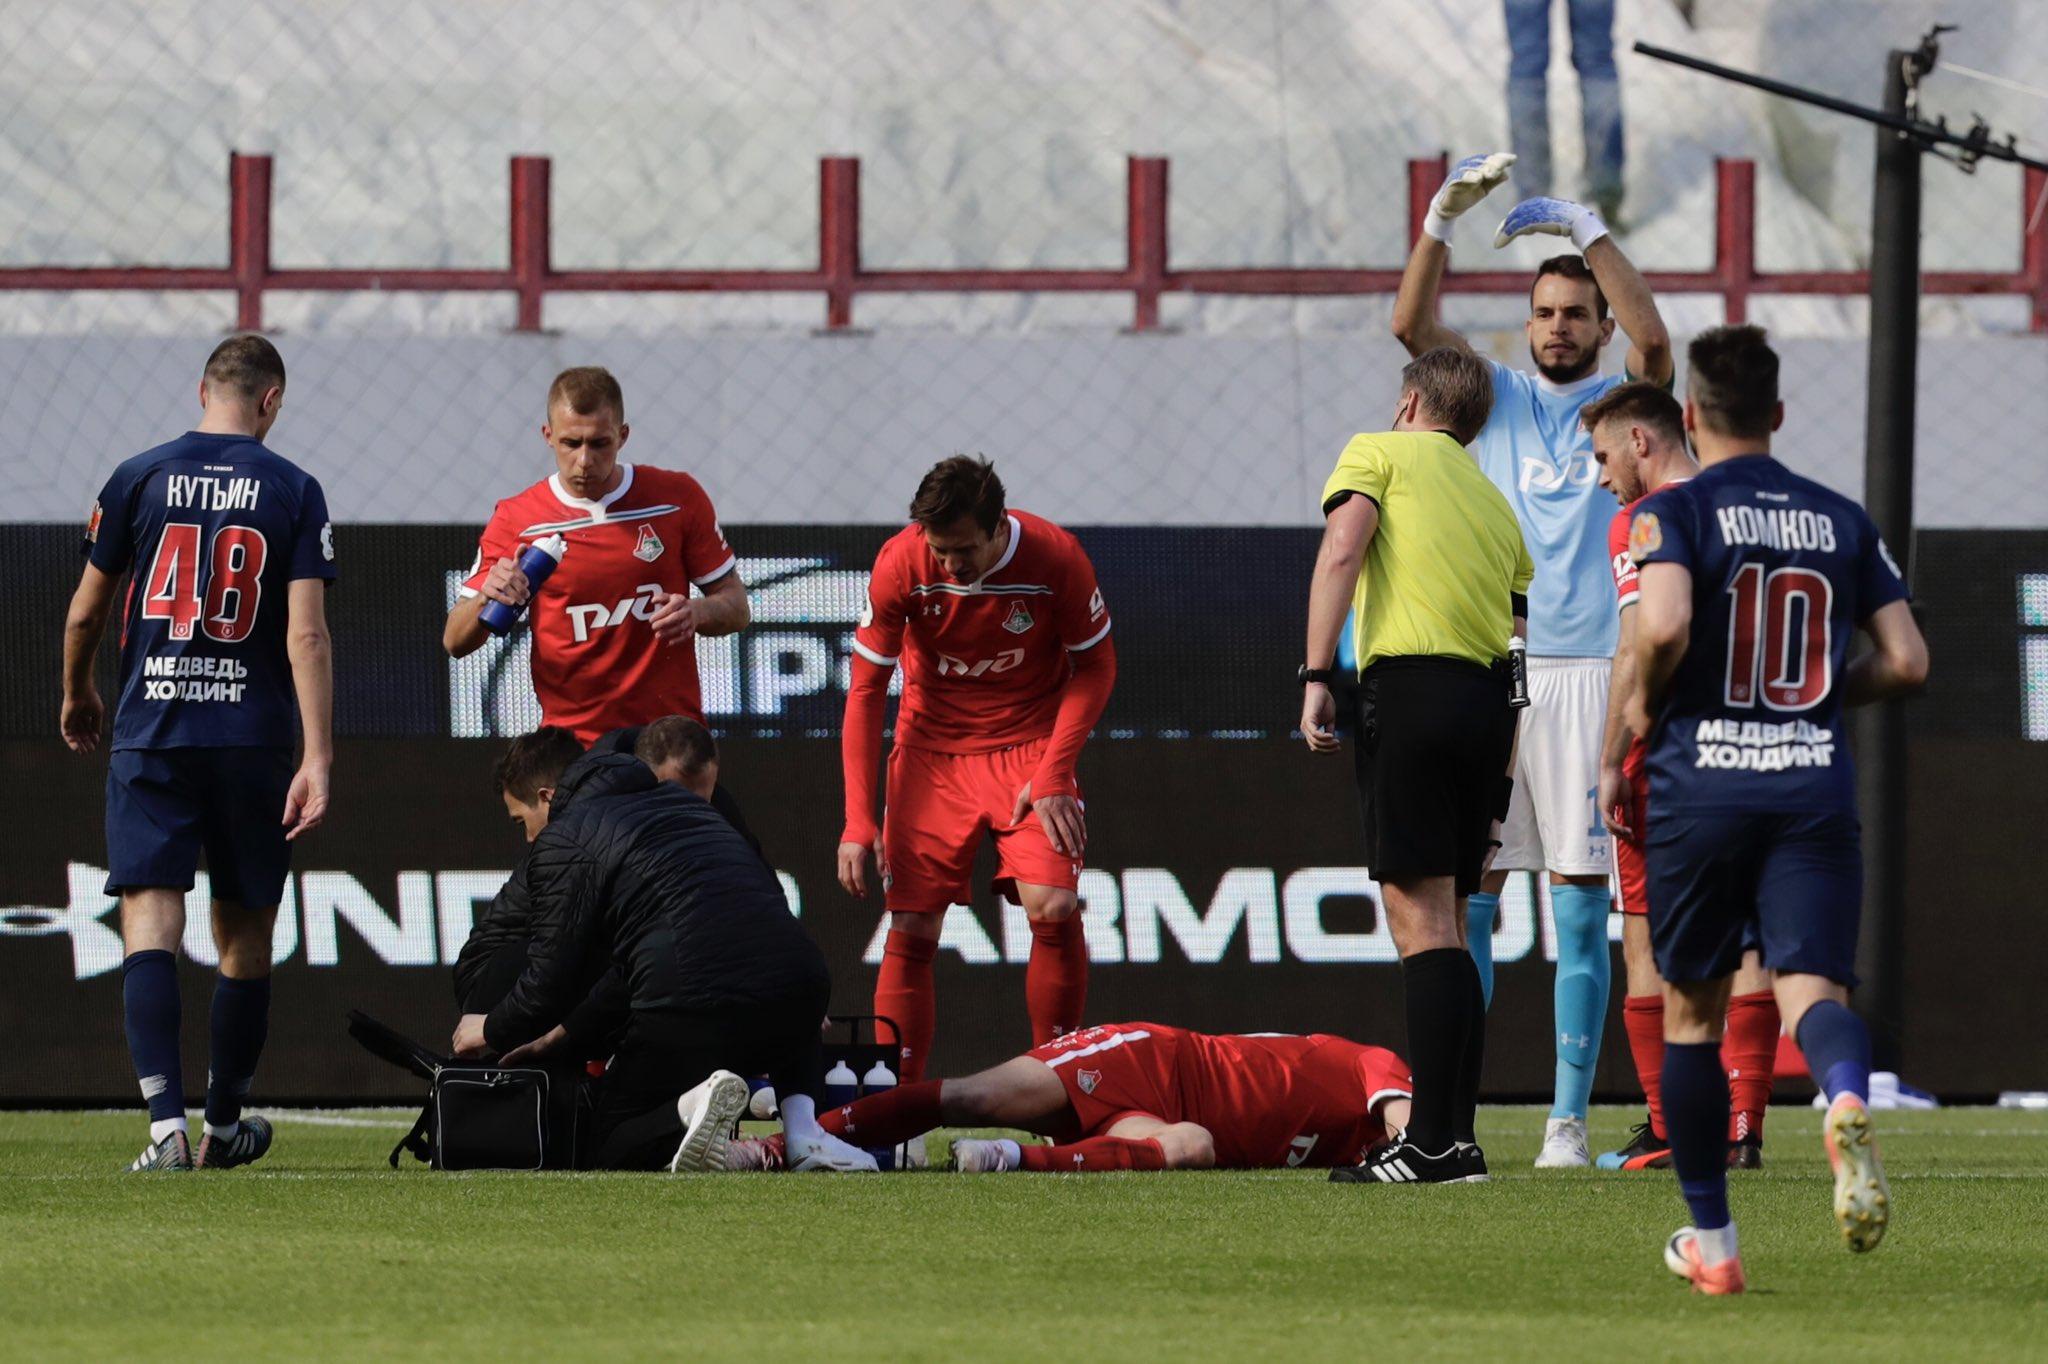 Азмун догнал Чалова, травма Игнатьева и утка на поле. Хит-парад российского футбольного уик-энда